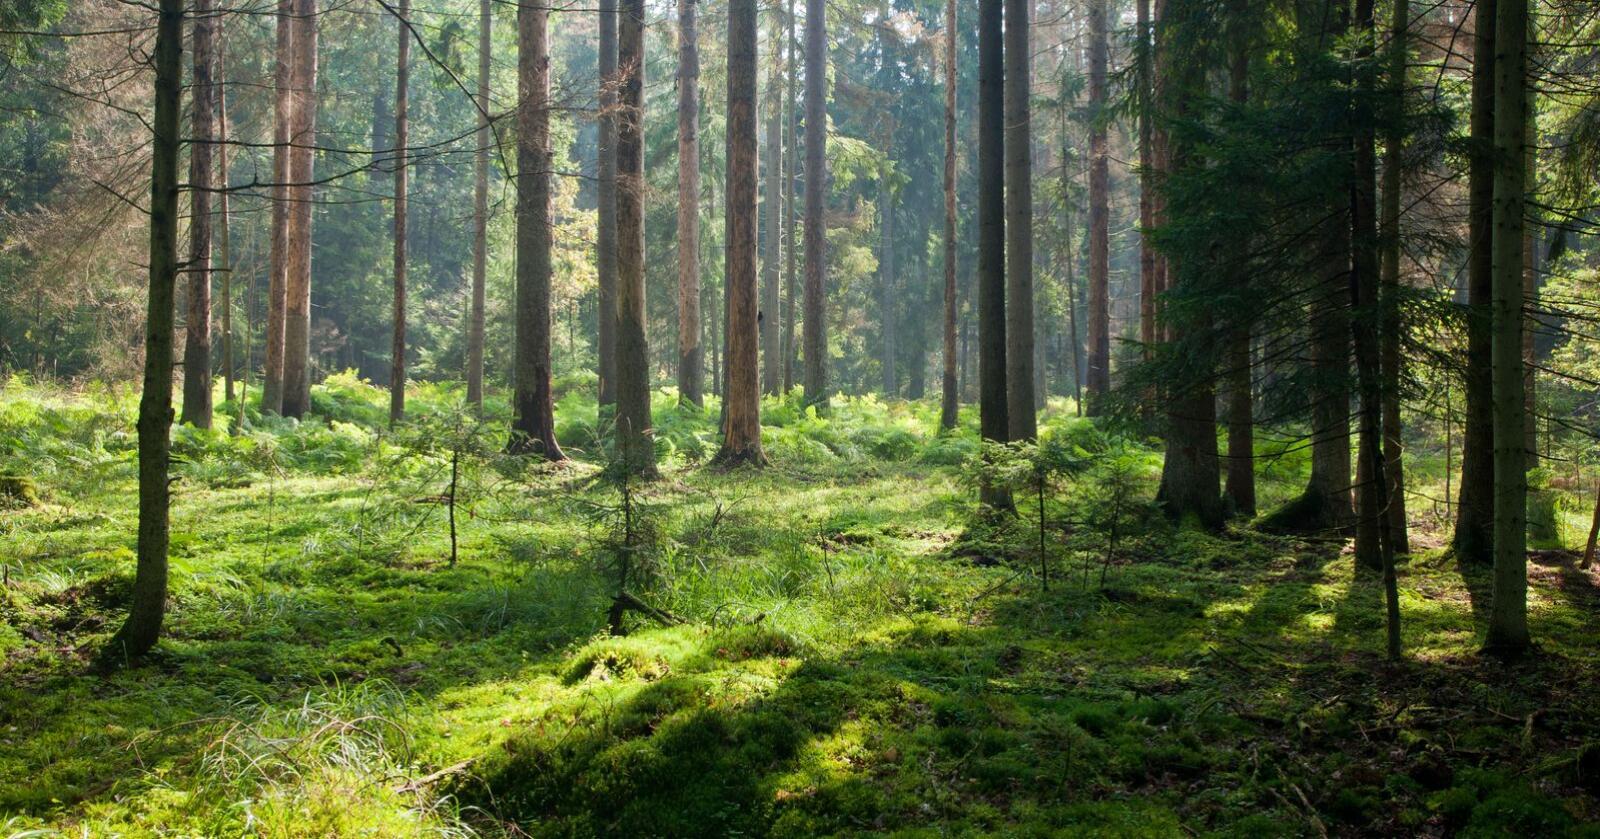 Bærekraftig: Skogbruket har gjennom flere år benyttet seg av metoden Miljøregistreinger i Skog – en metode som er forskningsbasert og tilpasset formålet om bærekraftig forvaltning av skogarealene, skriver innsenderen. Foto: Mostphotos